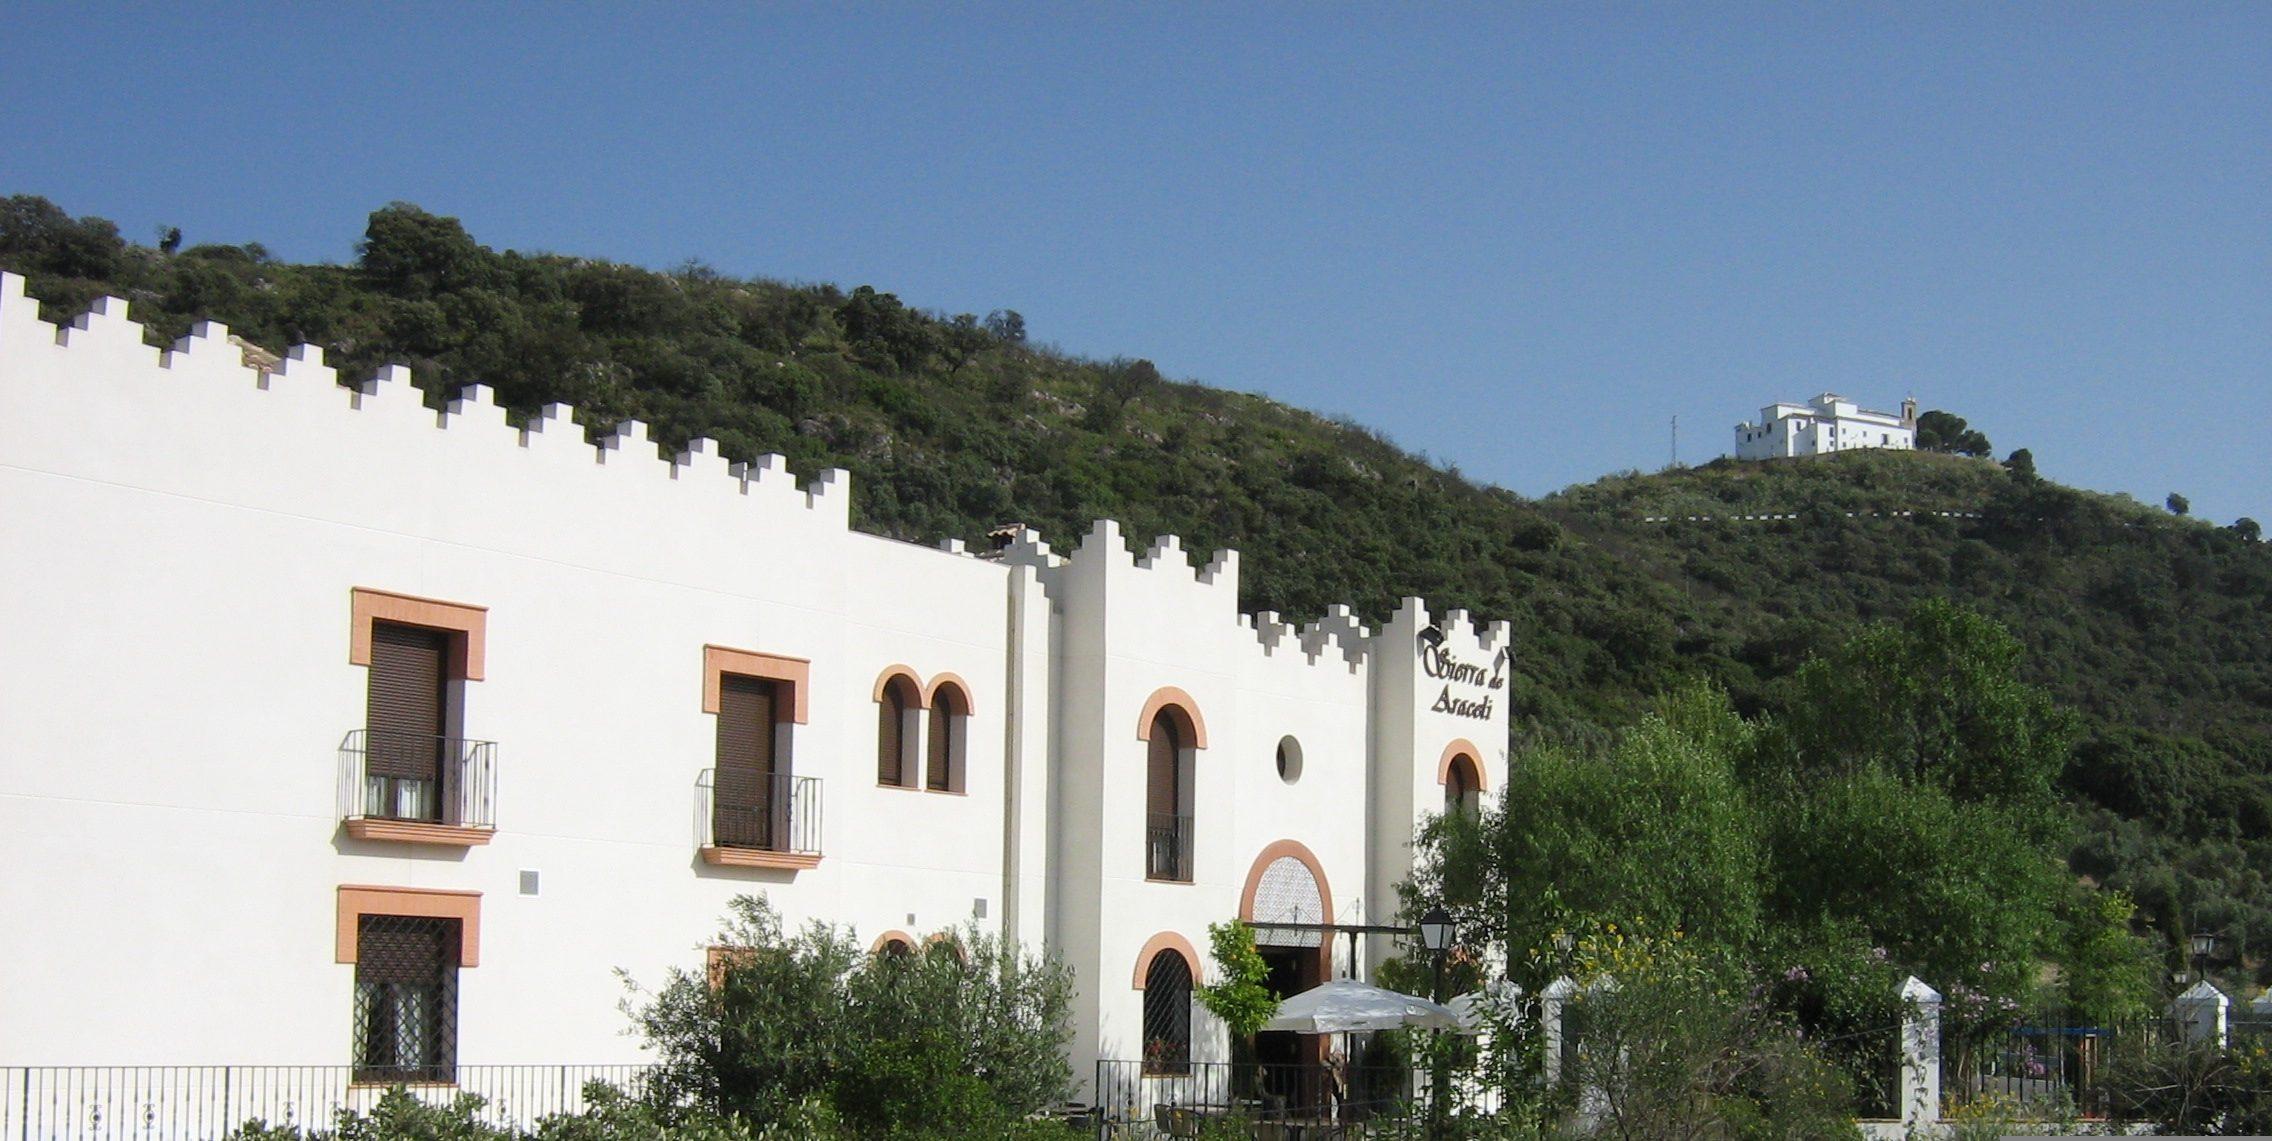 Vistas del Hotel Restaurante Sierra de Araceli